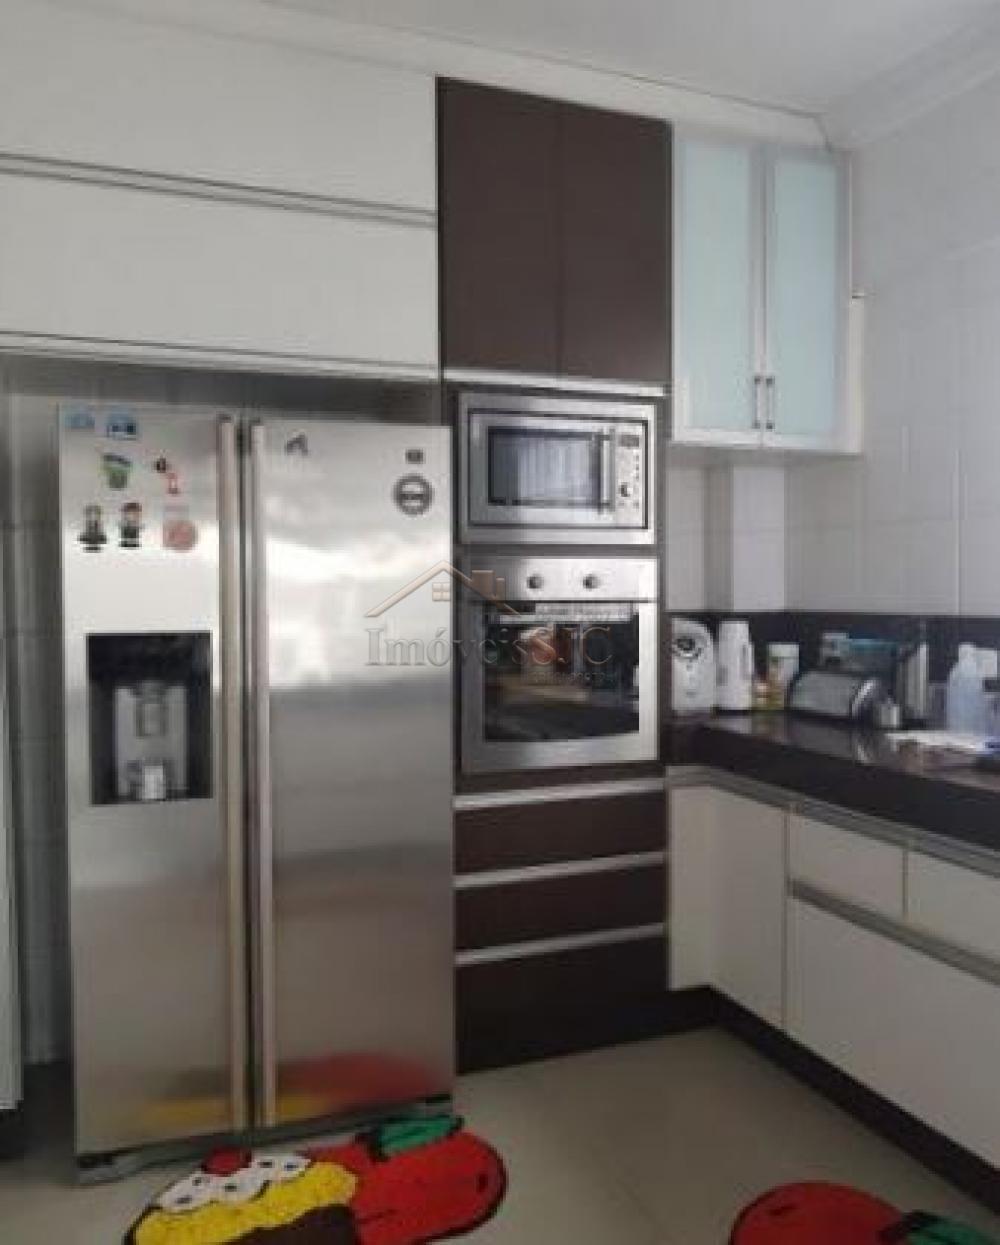 Comprar Apartamentos / Padrão em São José dos Campos apenas R$ 780.000,00 - Foto 6